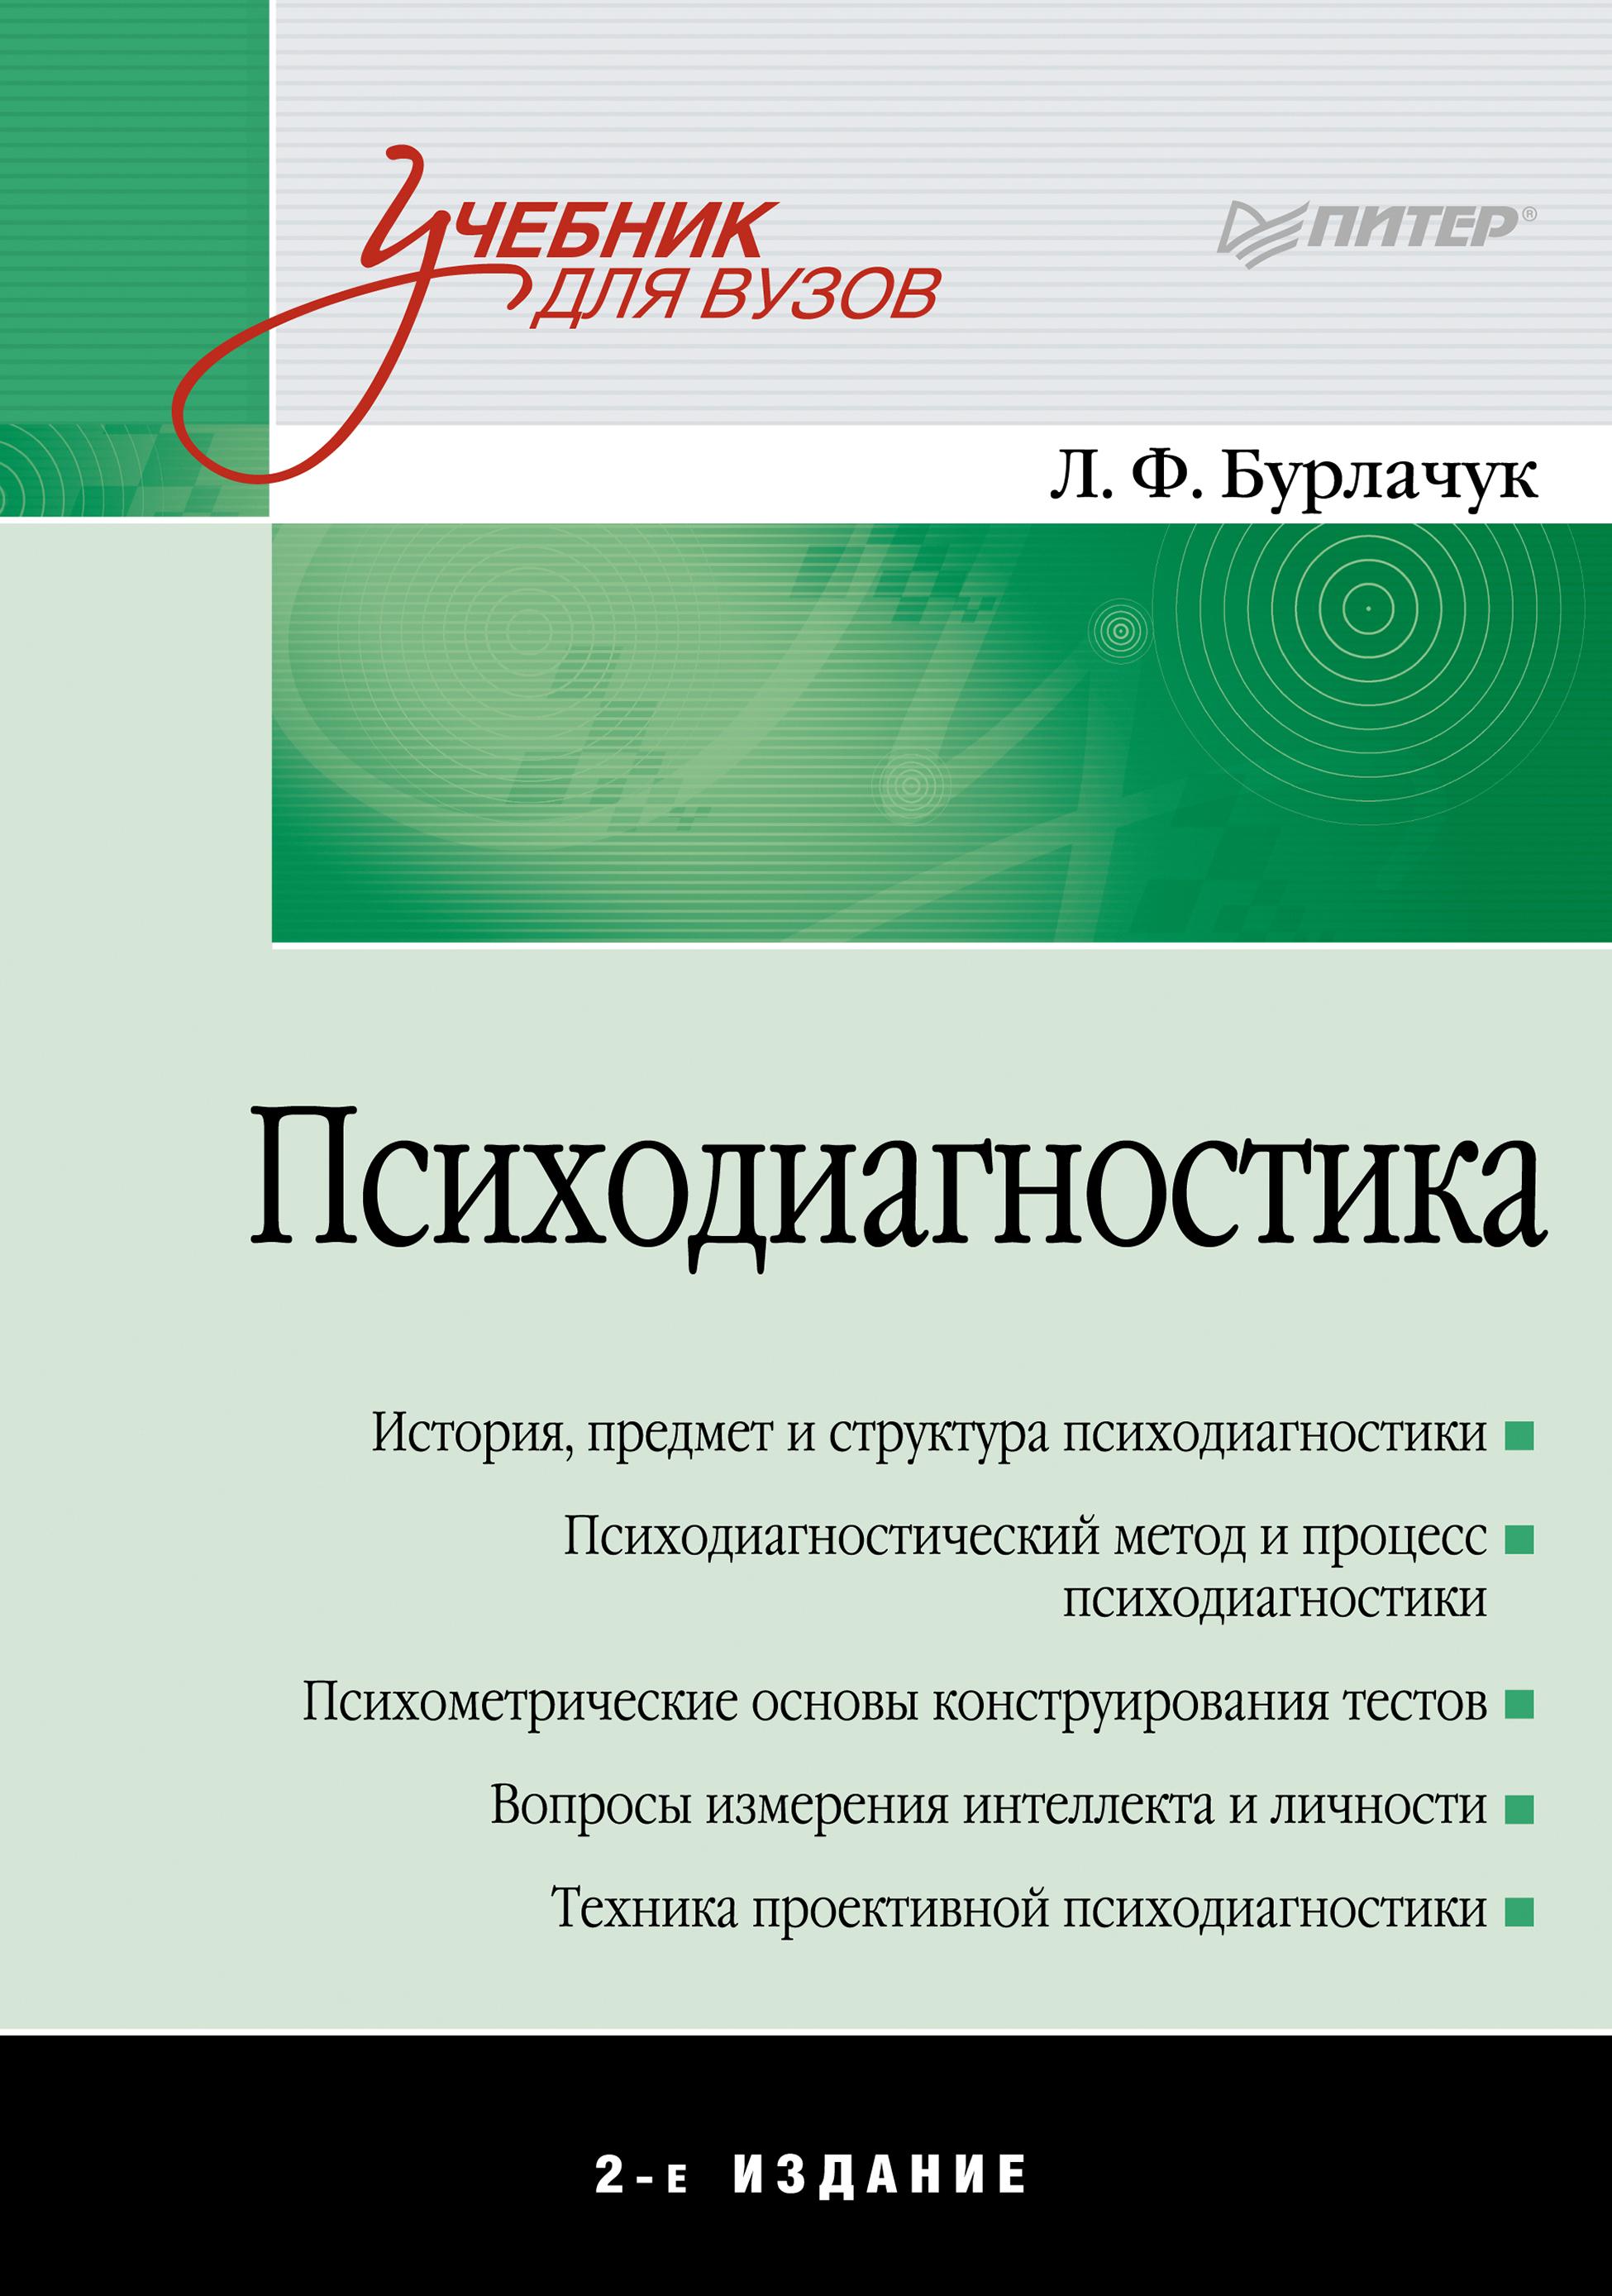 Л. Ф. Бурлачук Психодиагностика. Учебник для вузов